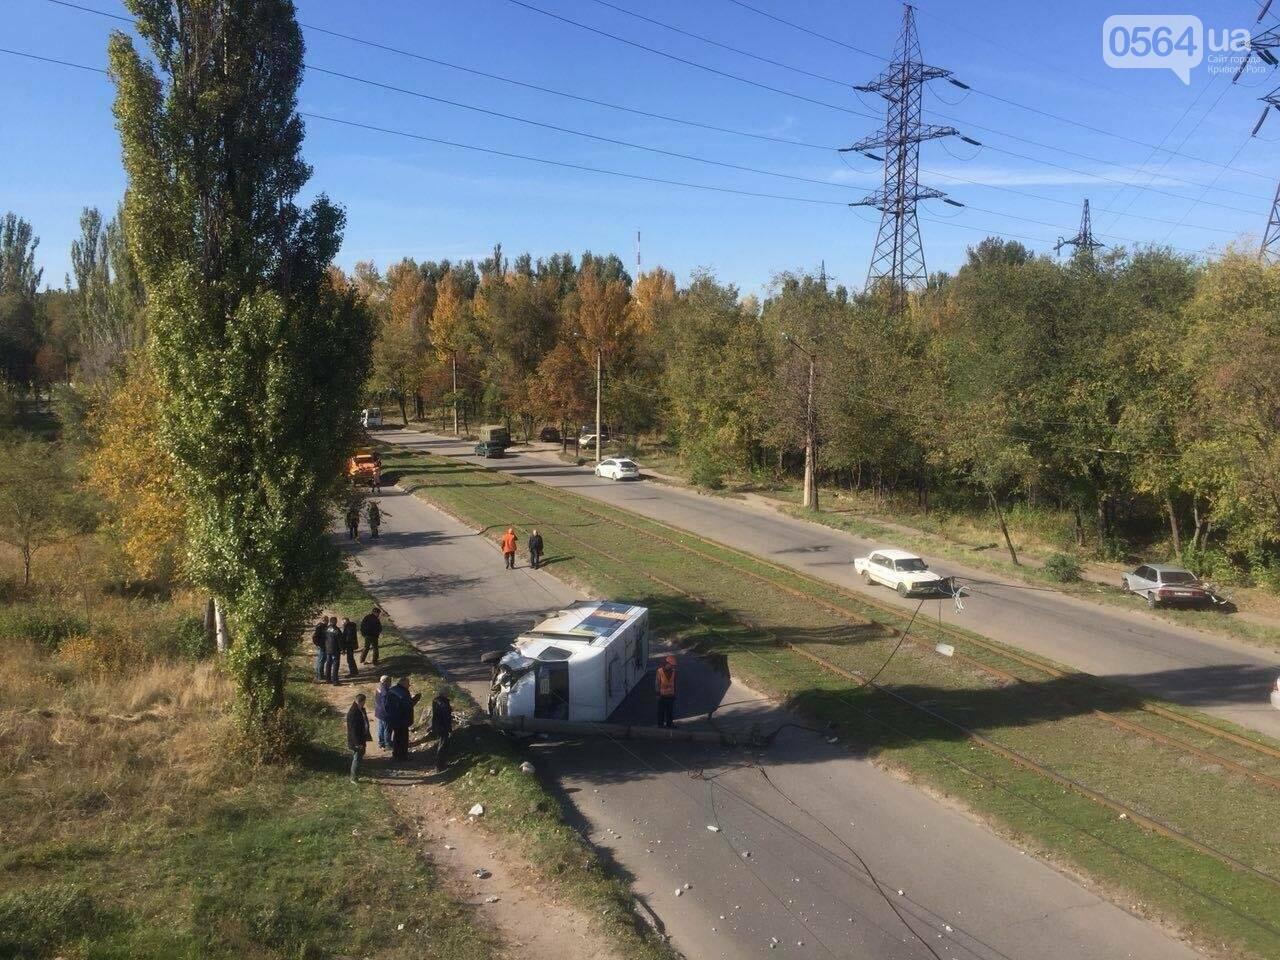 В Кривом Роге перевернулась маршрутка с пассажирами. Есть пострадавшие (ФОТО), фото-6